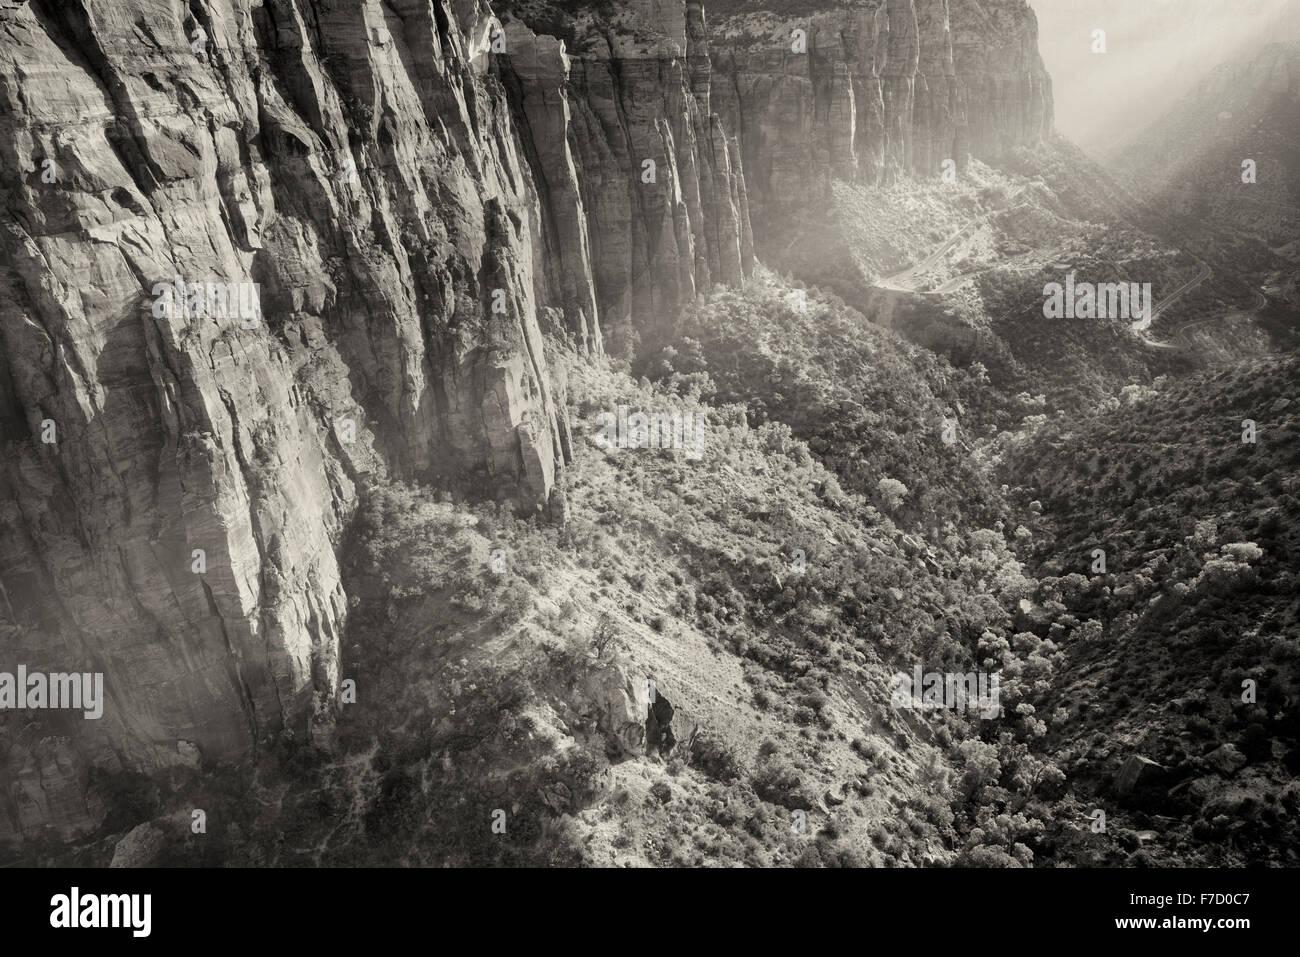 Visualizzare di nuovo la crescita di alberi e la strada al tramonto dal Canyon Overlook. Parco Nazionale di Zion, Immagini Stock